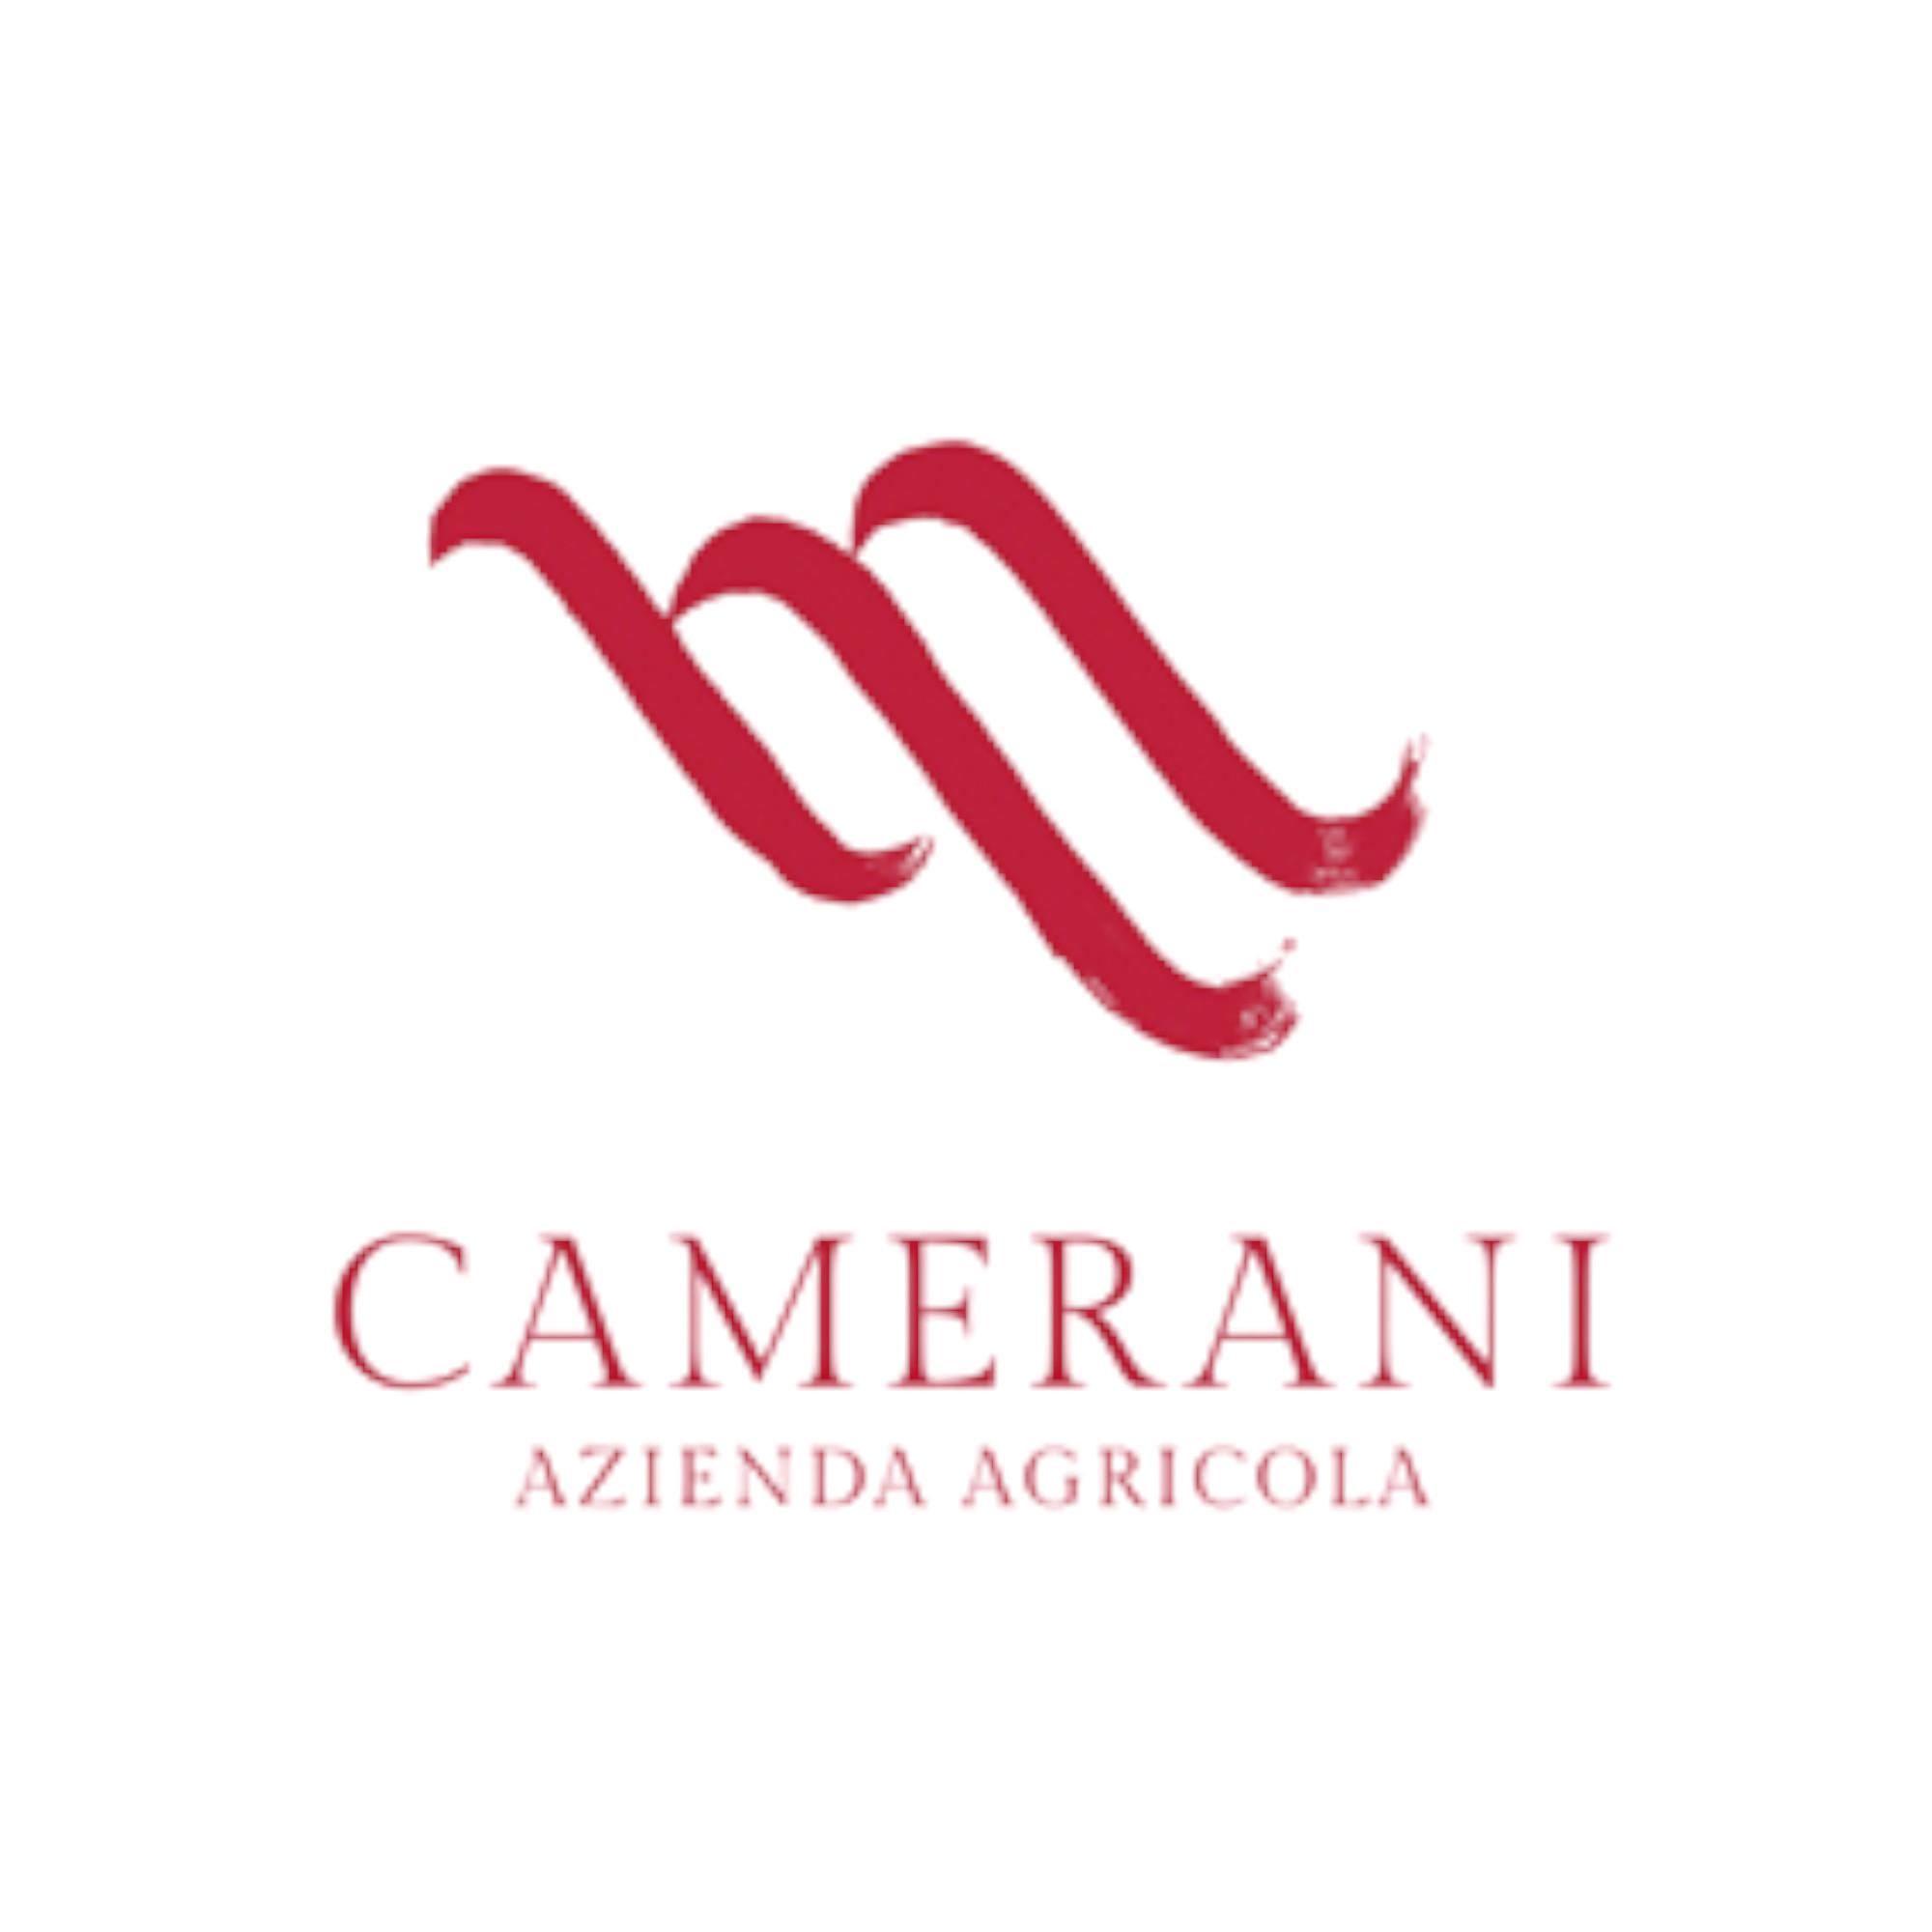 Azienda agricola Camerani